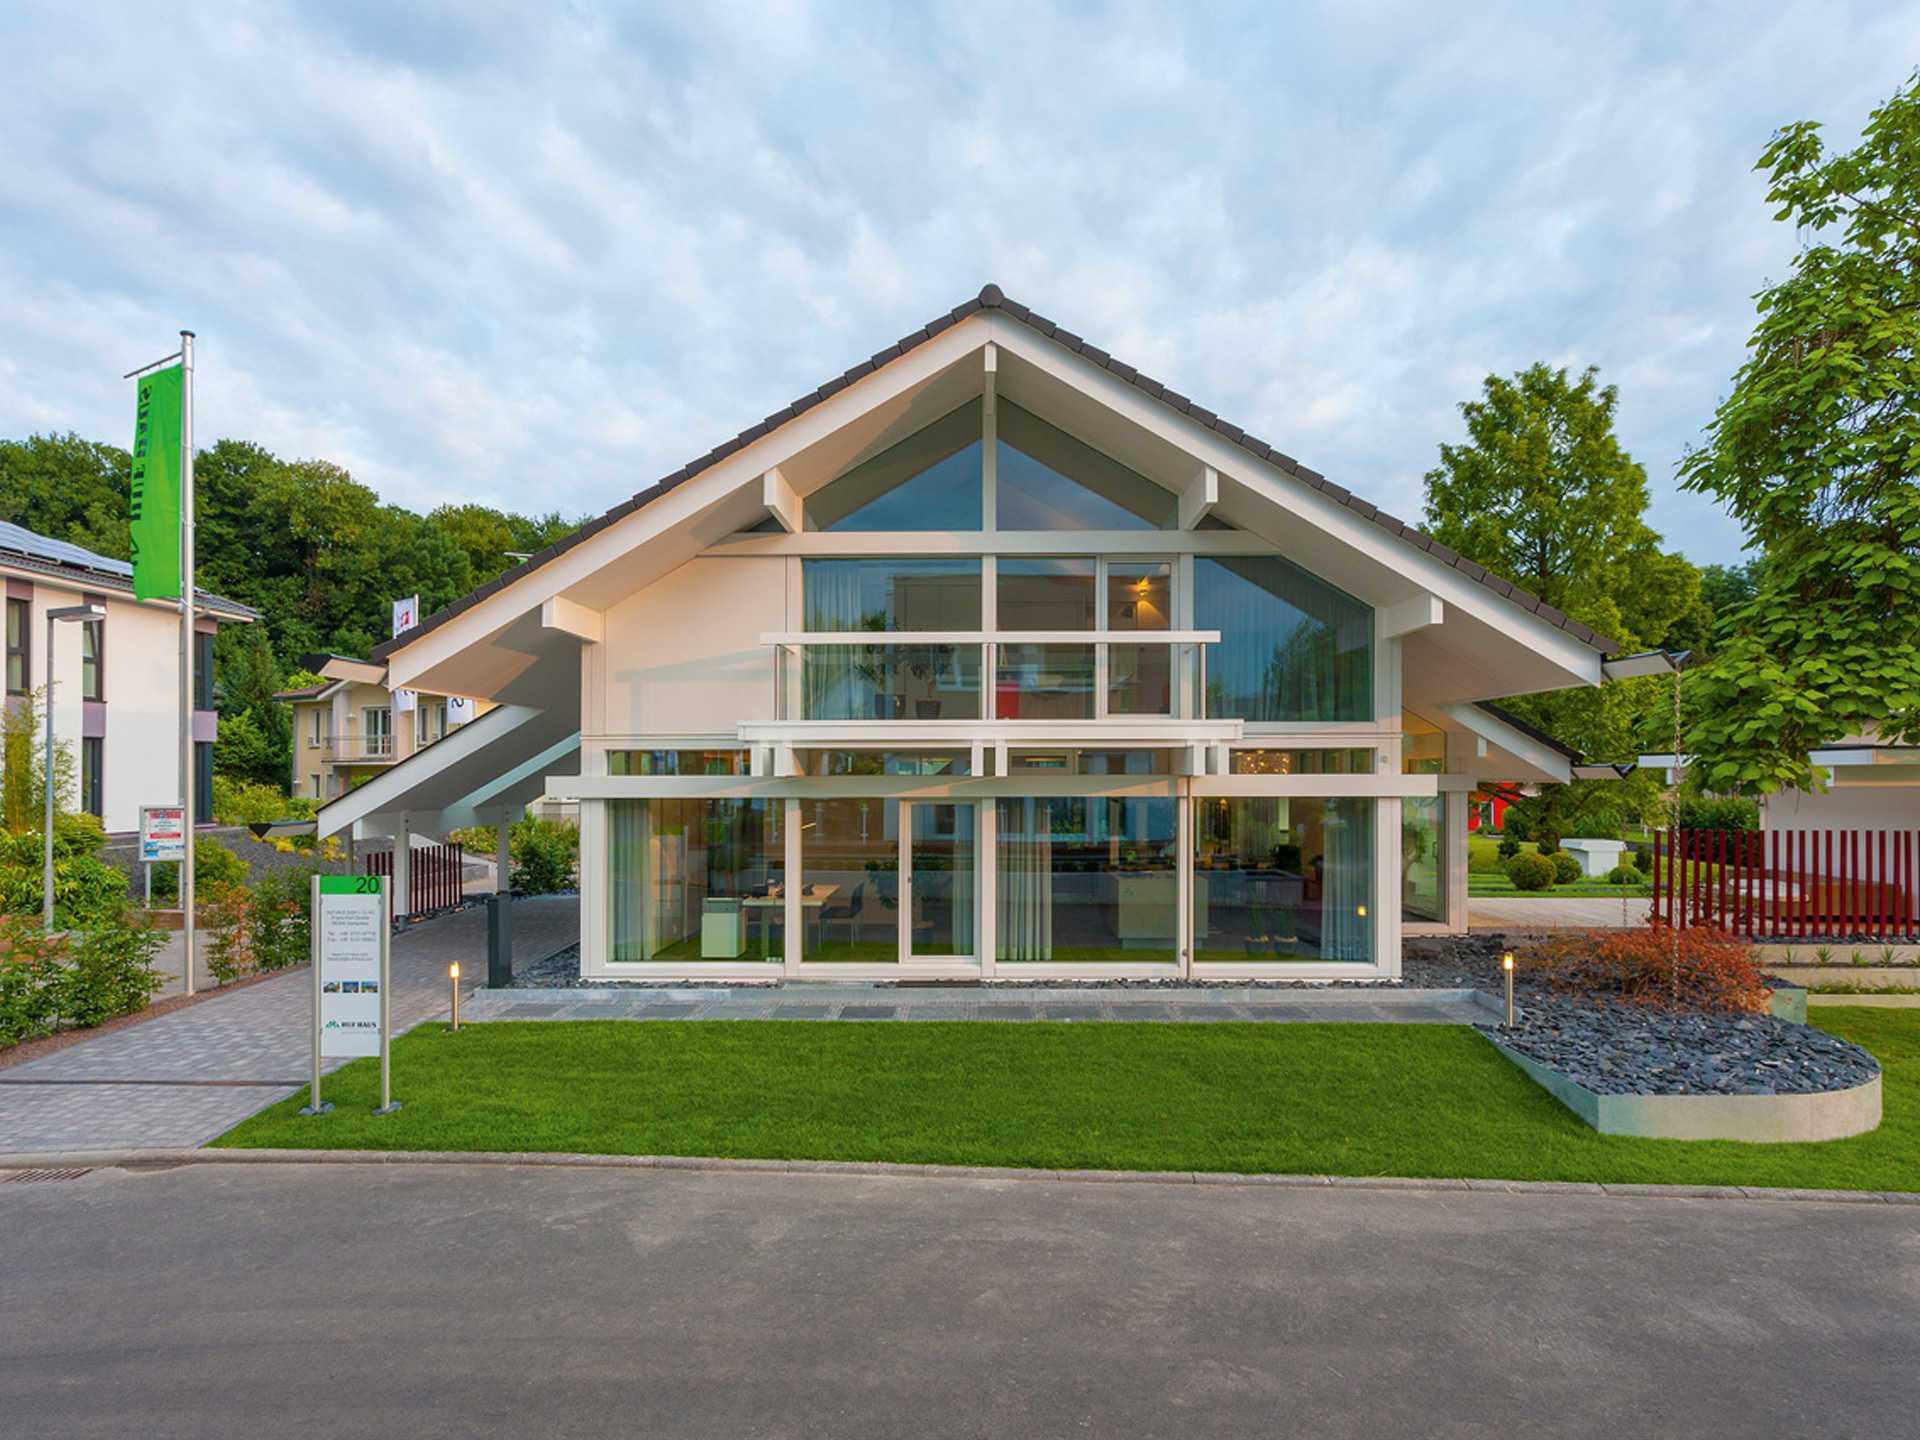 Beautiful Haus Mit atrium | Architecture-Nice